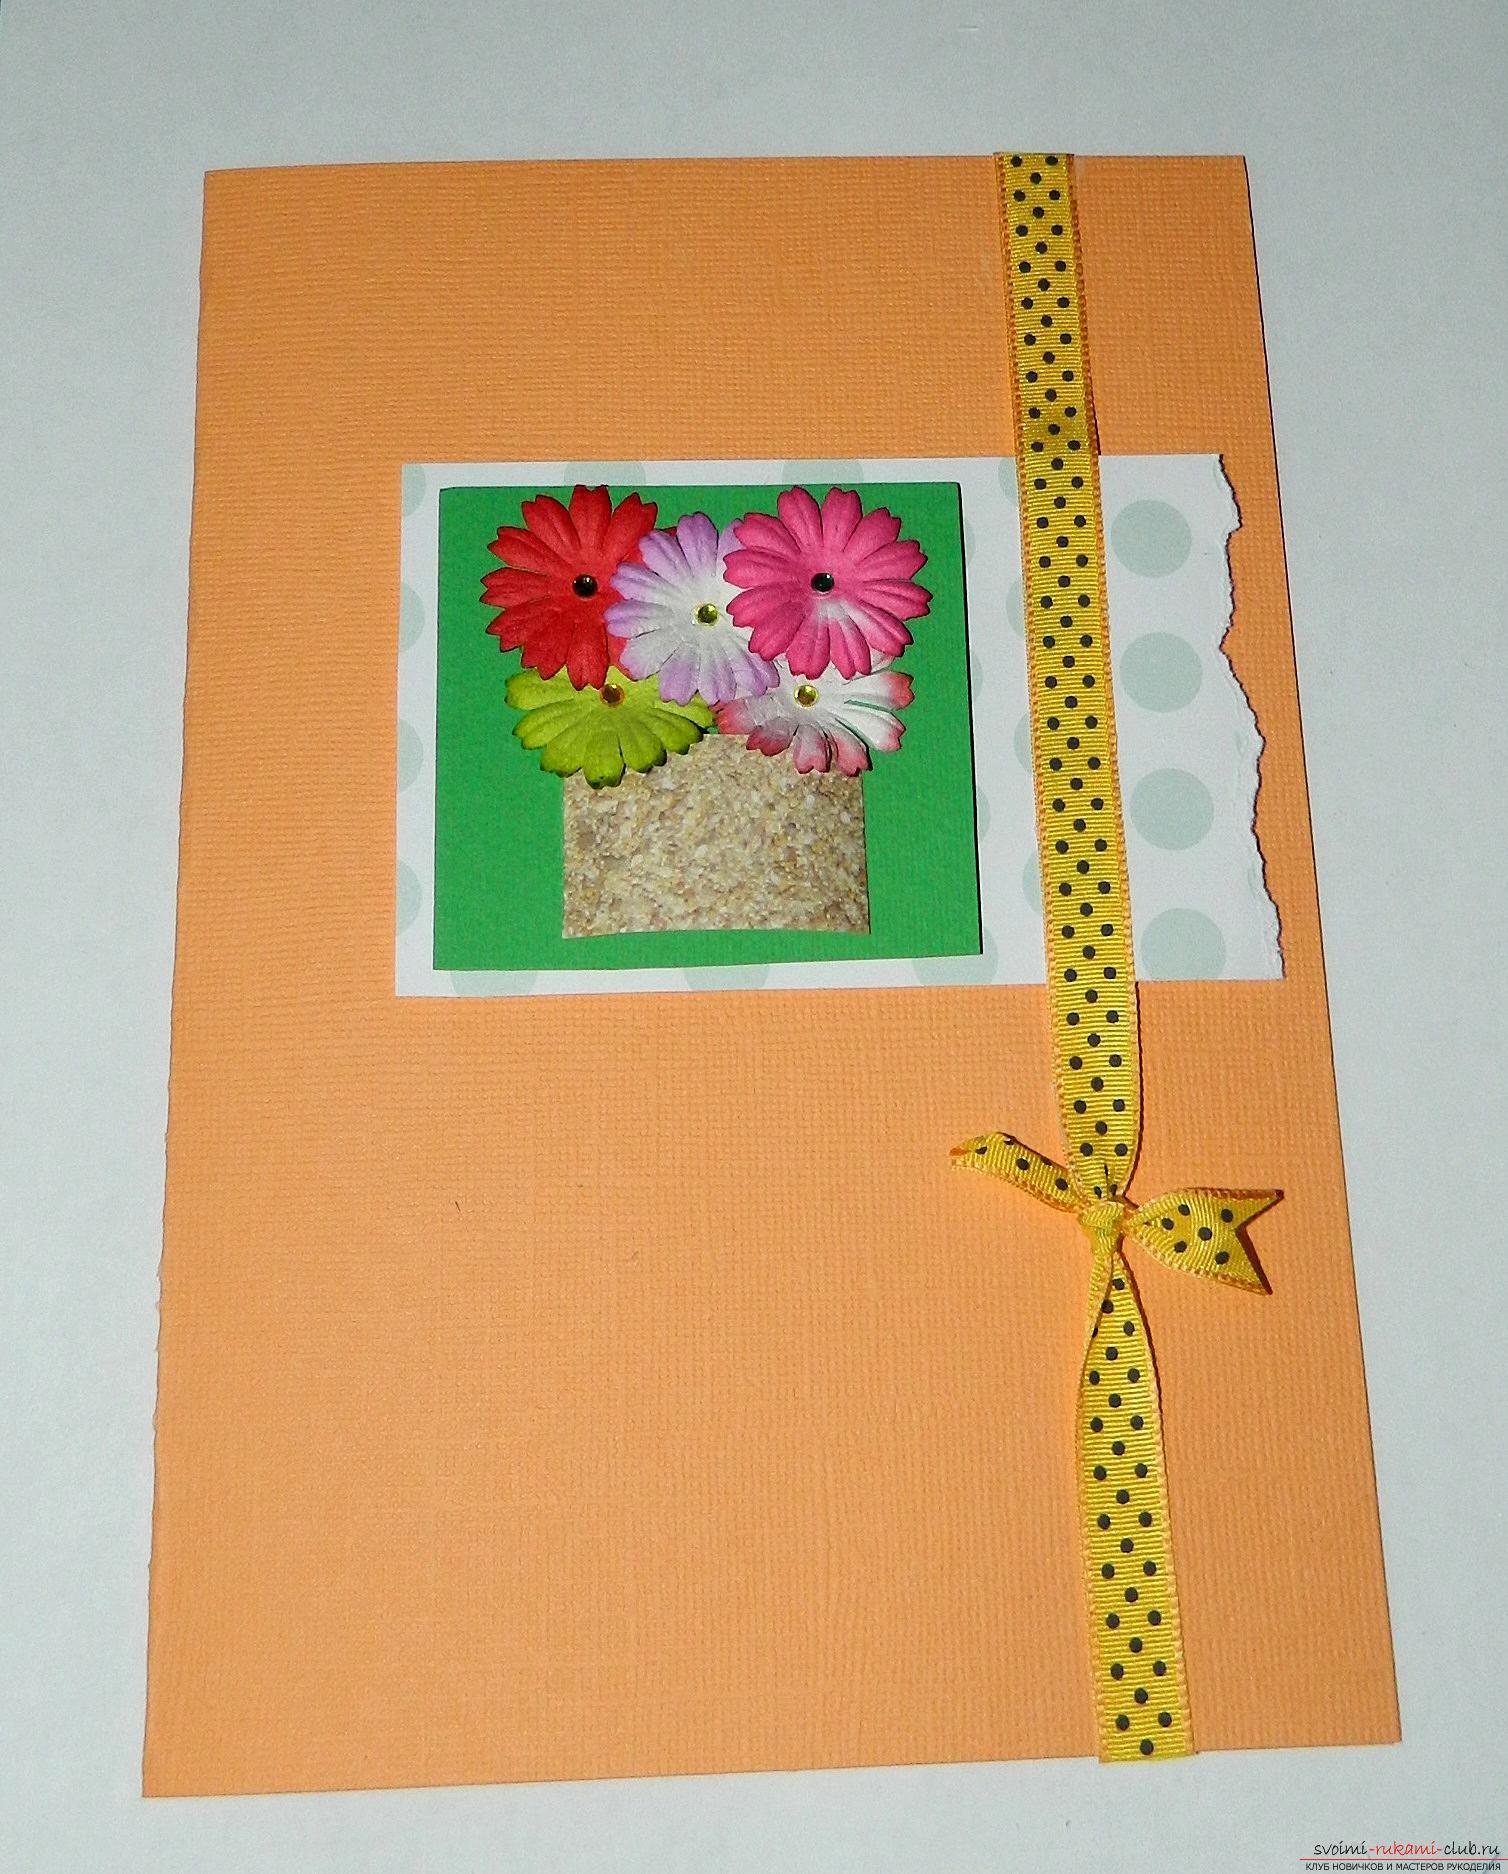 ашан делать открытки домашних карагача